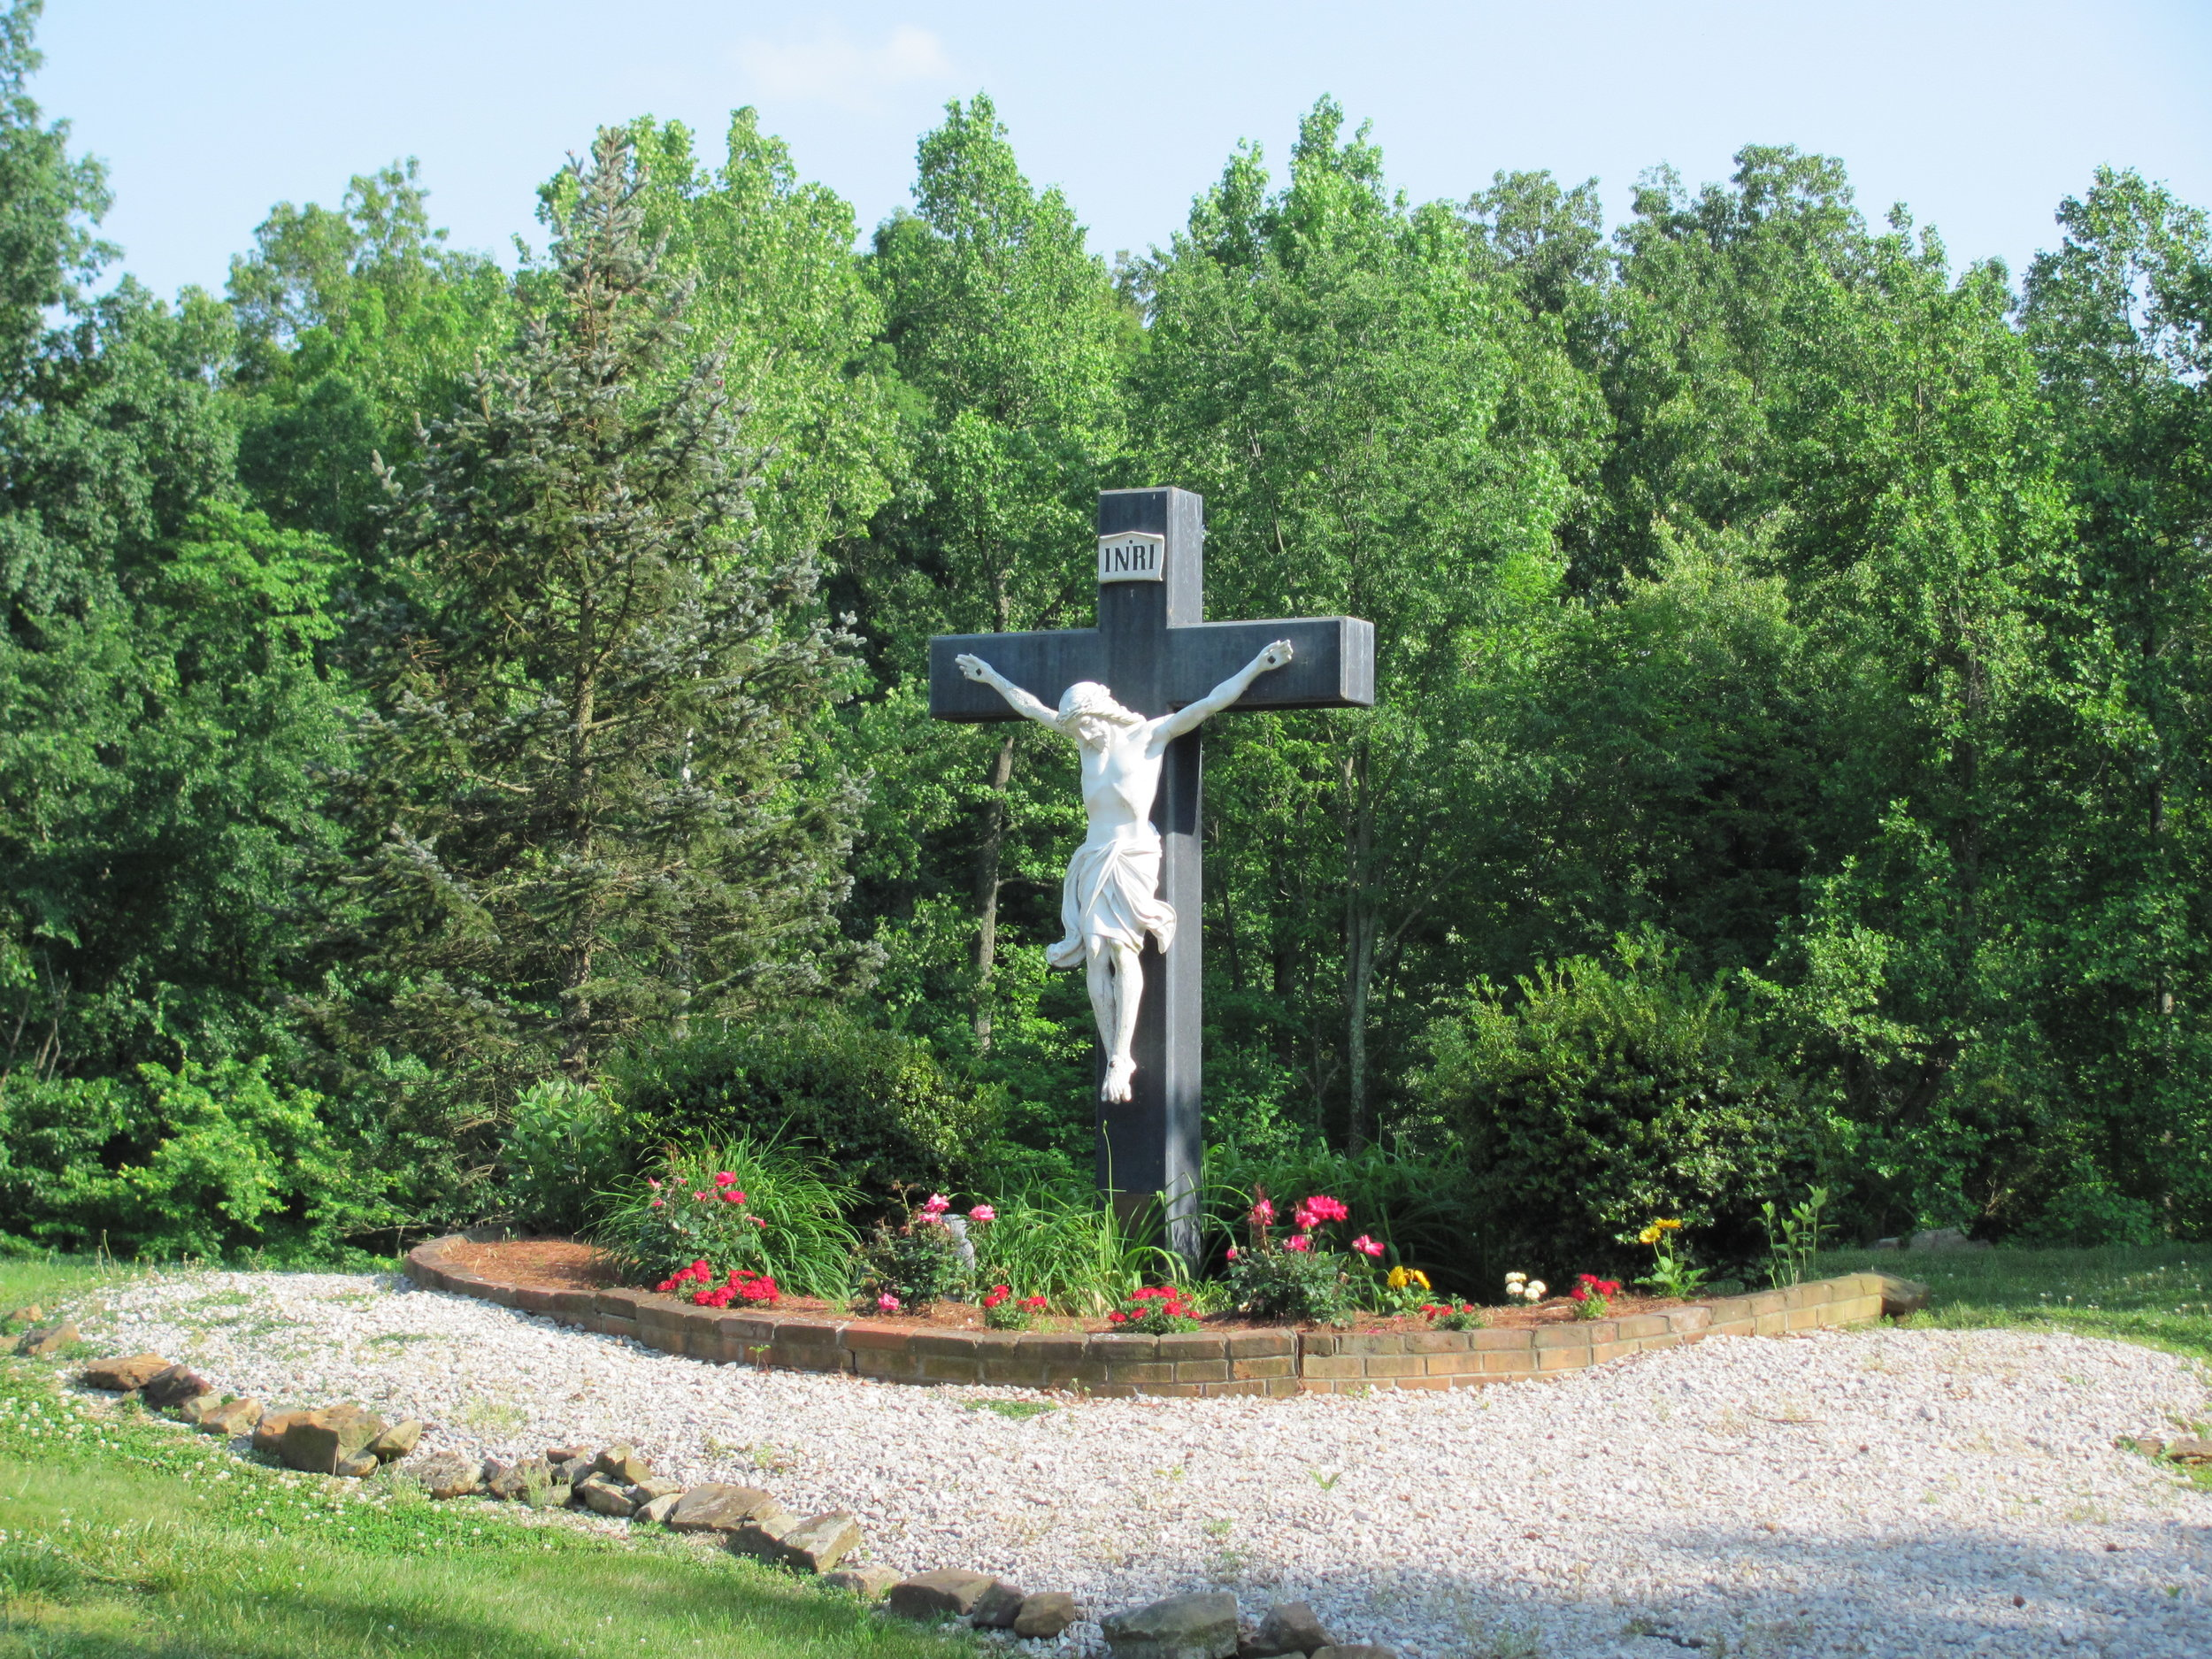 Crucifix Garden at Entrance